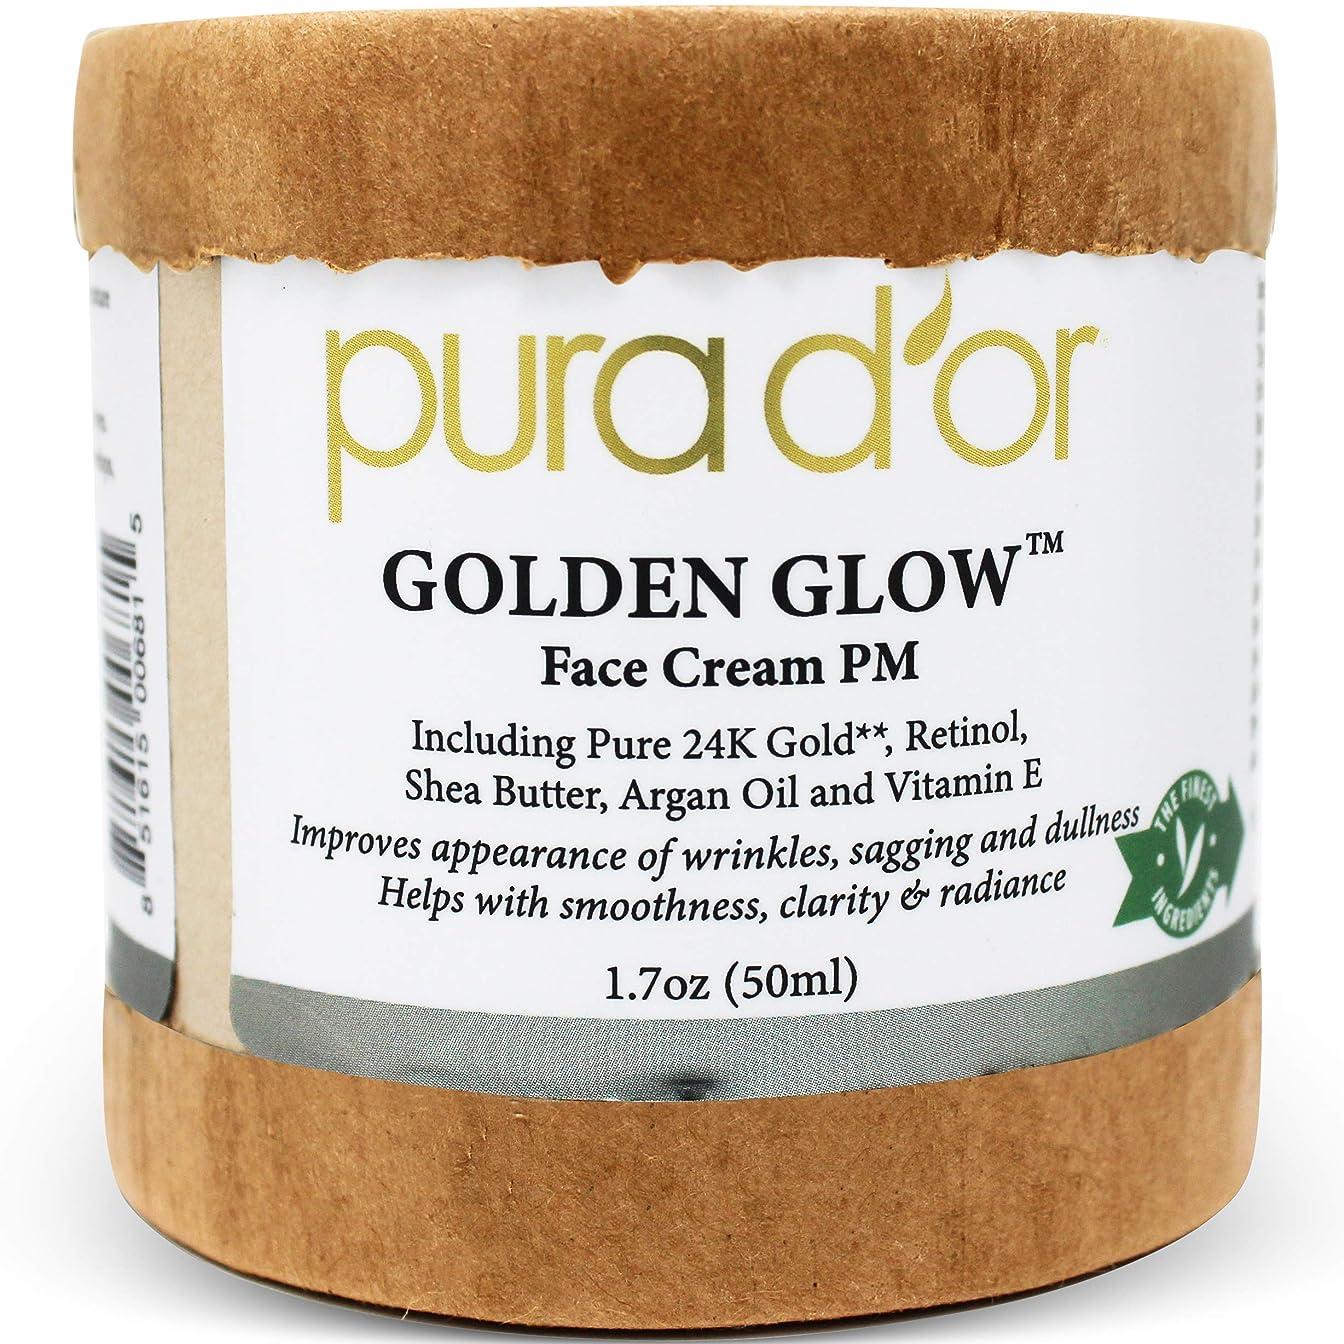 高度カウント悪因子PURA D'OR プラドール ゴールデングロー フェイスクリーム PM - アンチエイジングフェイスクリーム 純金(24金)配合 引き締まったお肌に、シワを目立たなくする、より明るいお肌に(50ml(1.7オンス)) 50ml(1.7オンス)